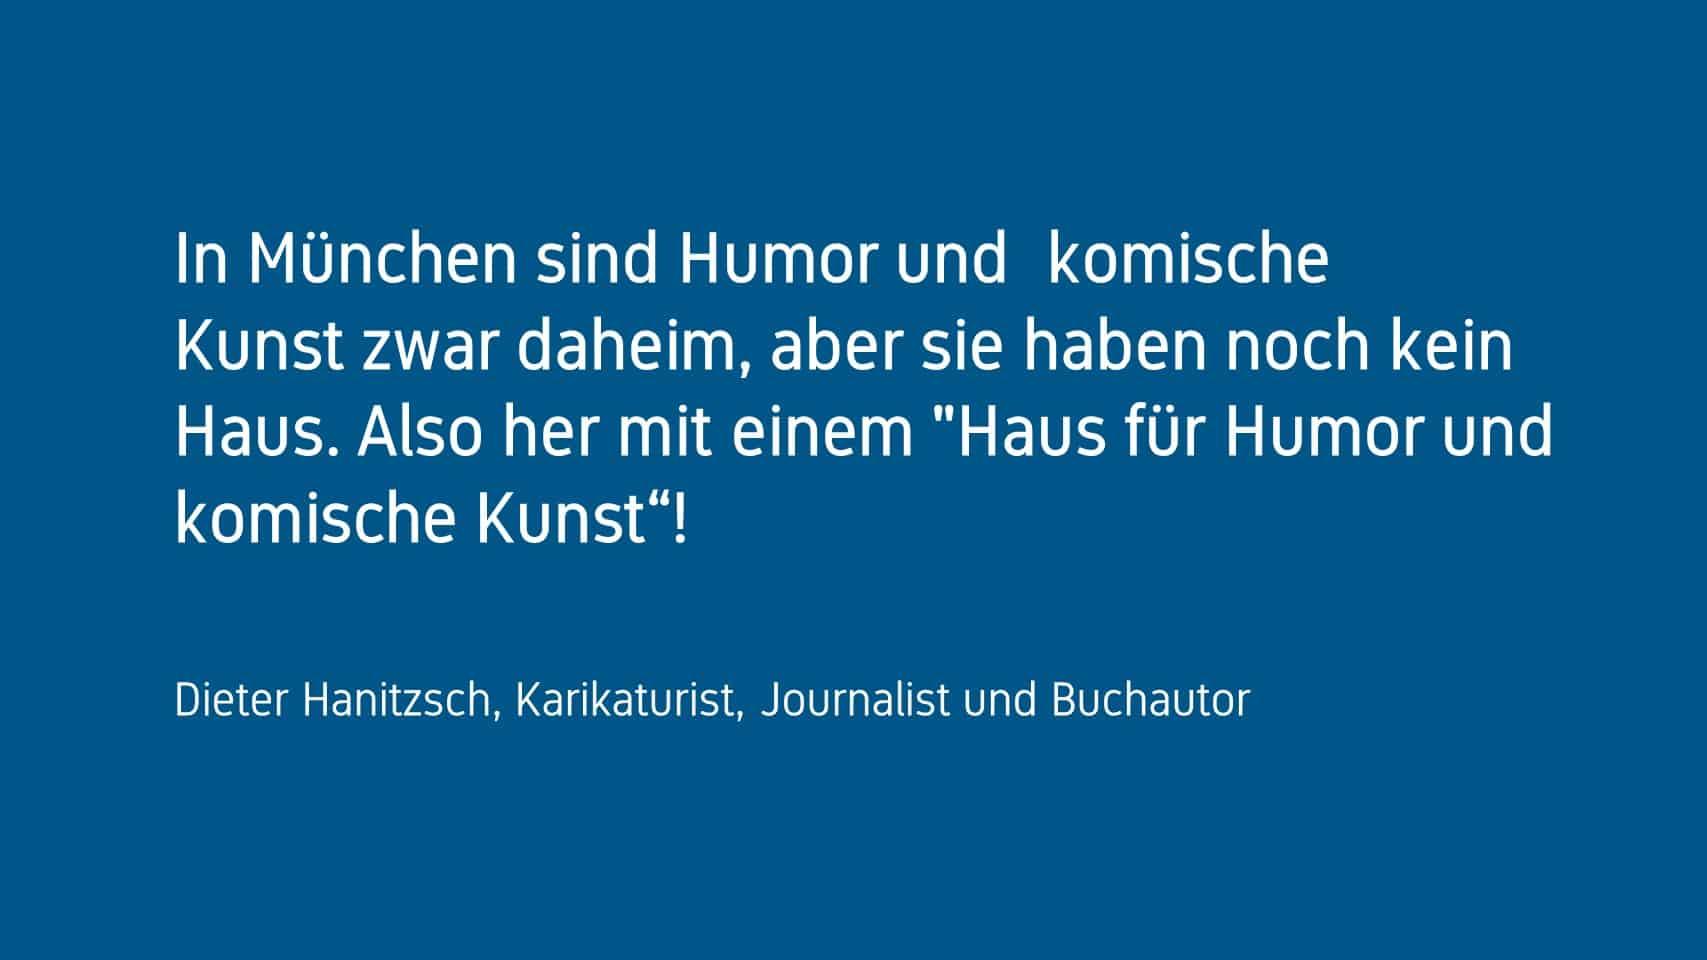 Dieter Hanitzsch Forum Humor